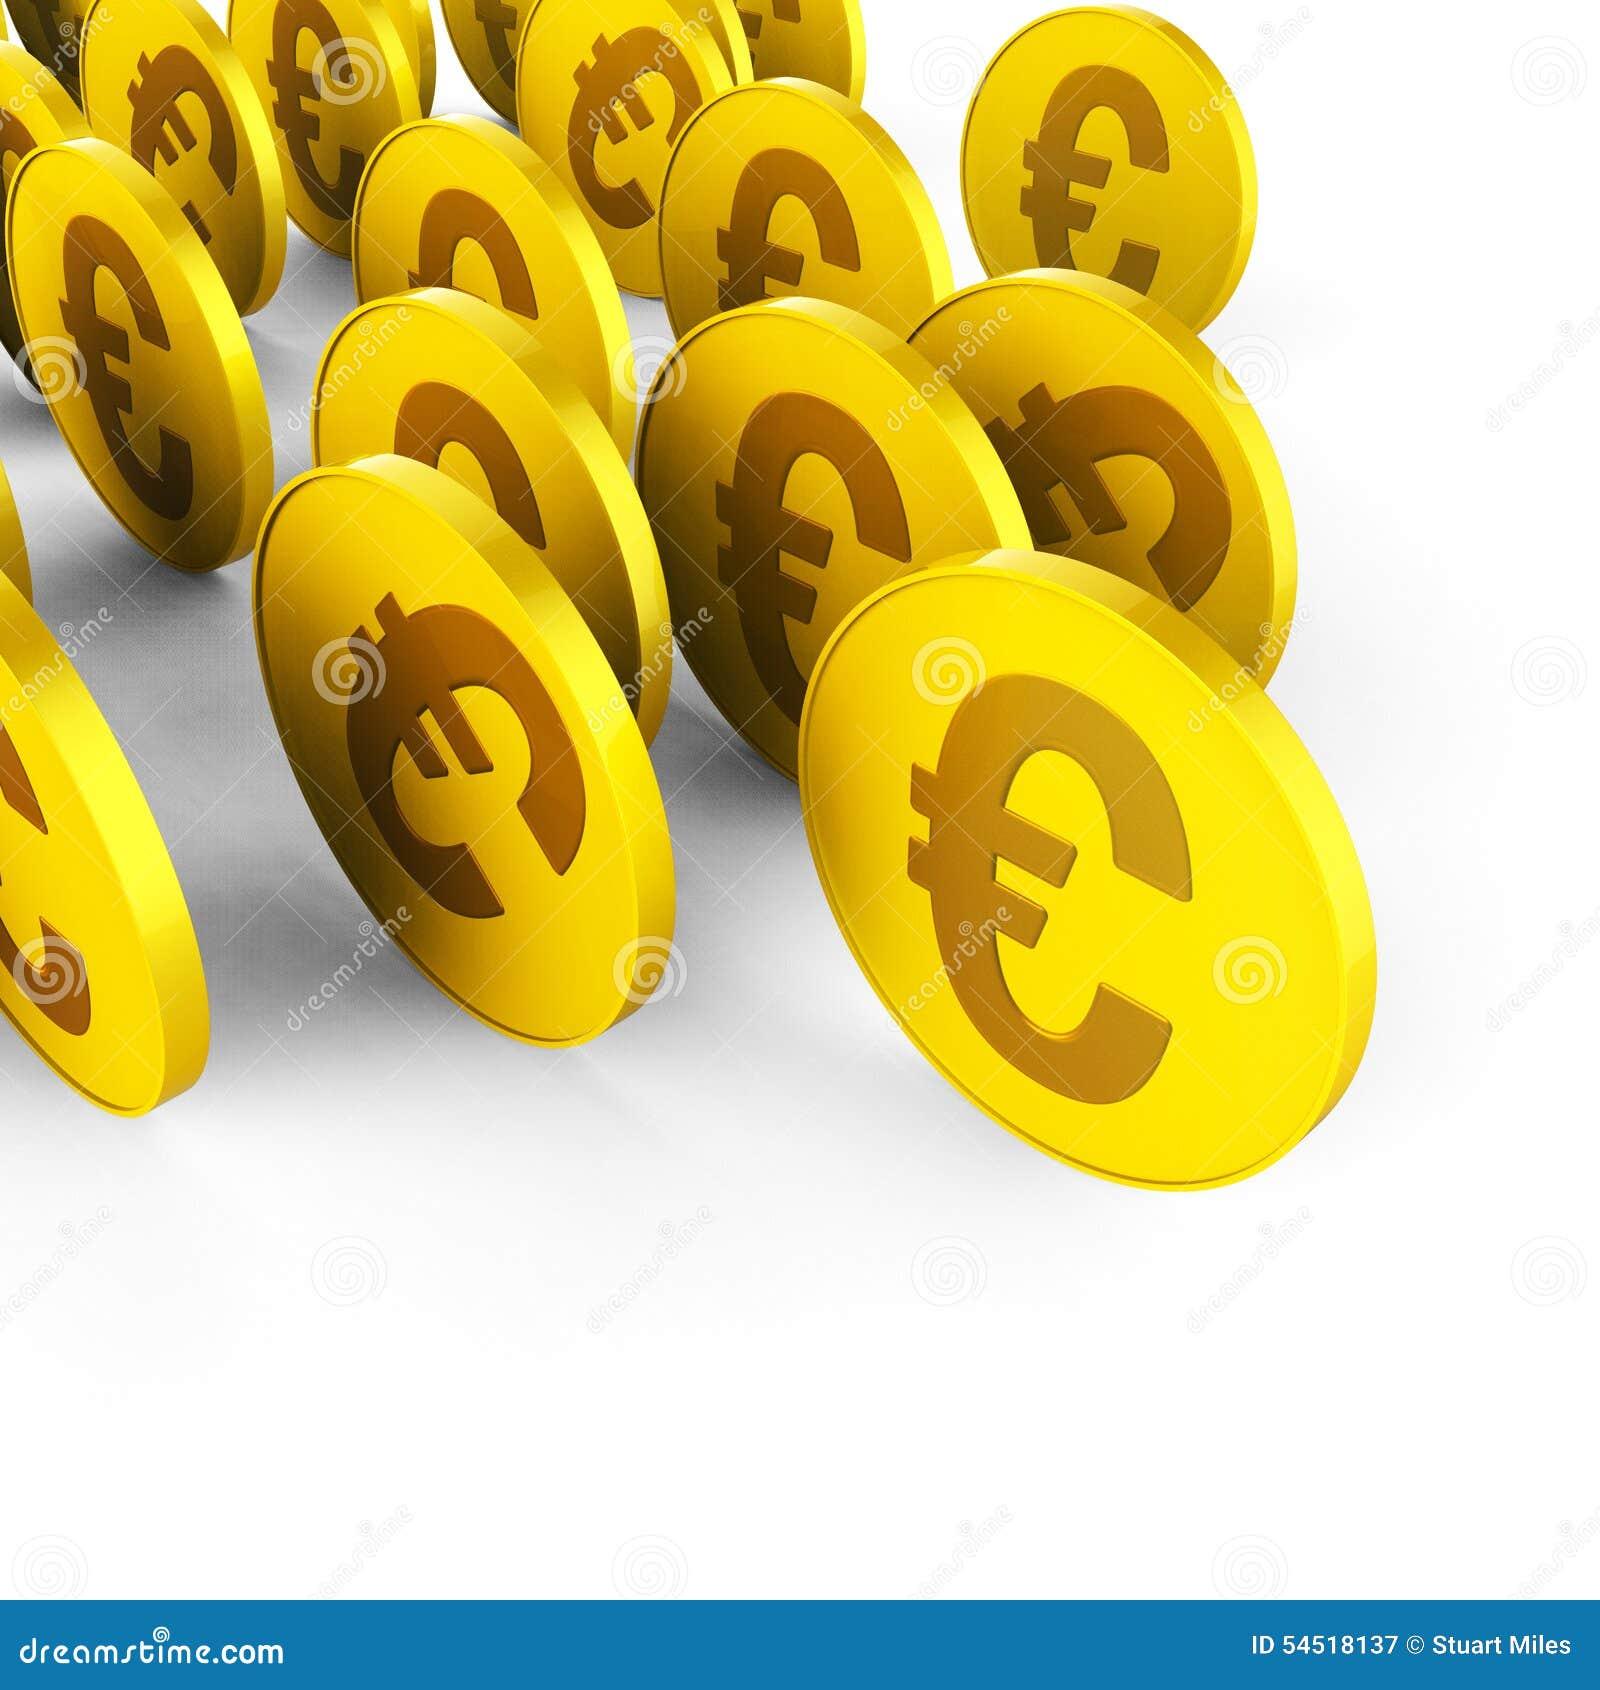 Euromünzen stellt Geschäfts-Einsparungen und Handel dar